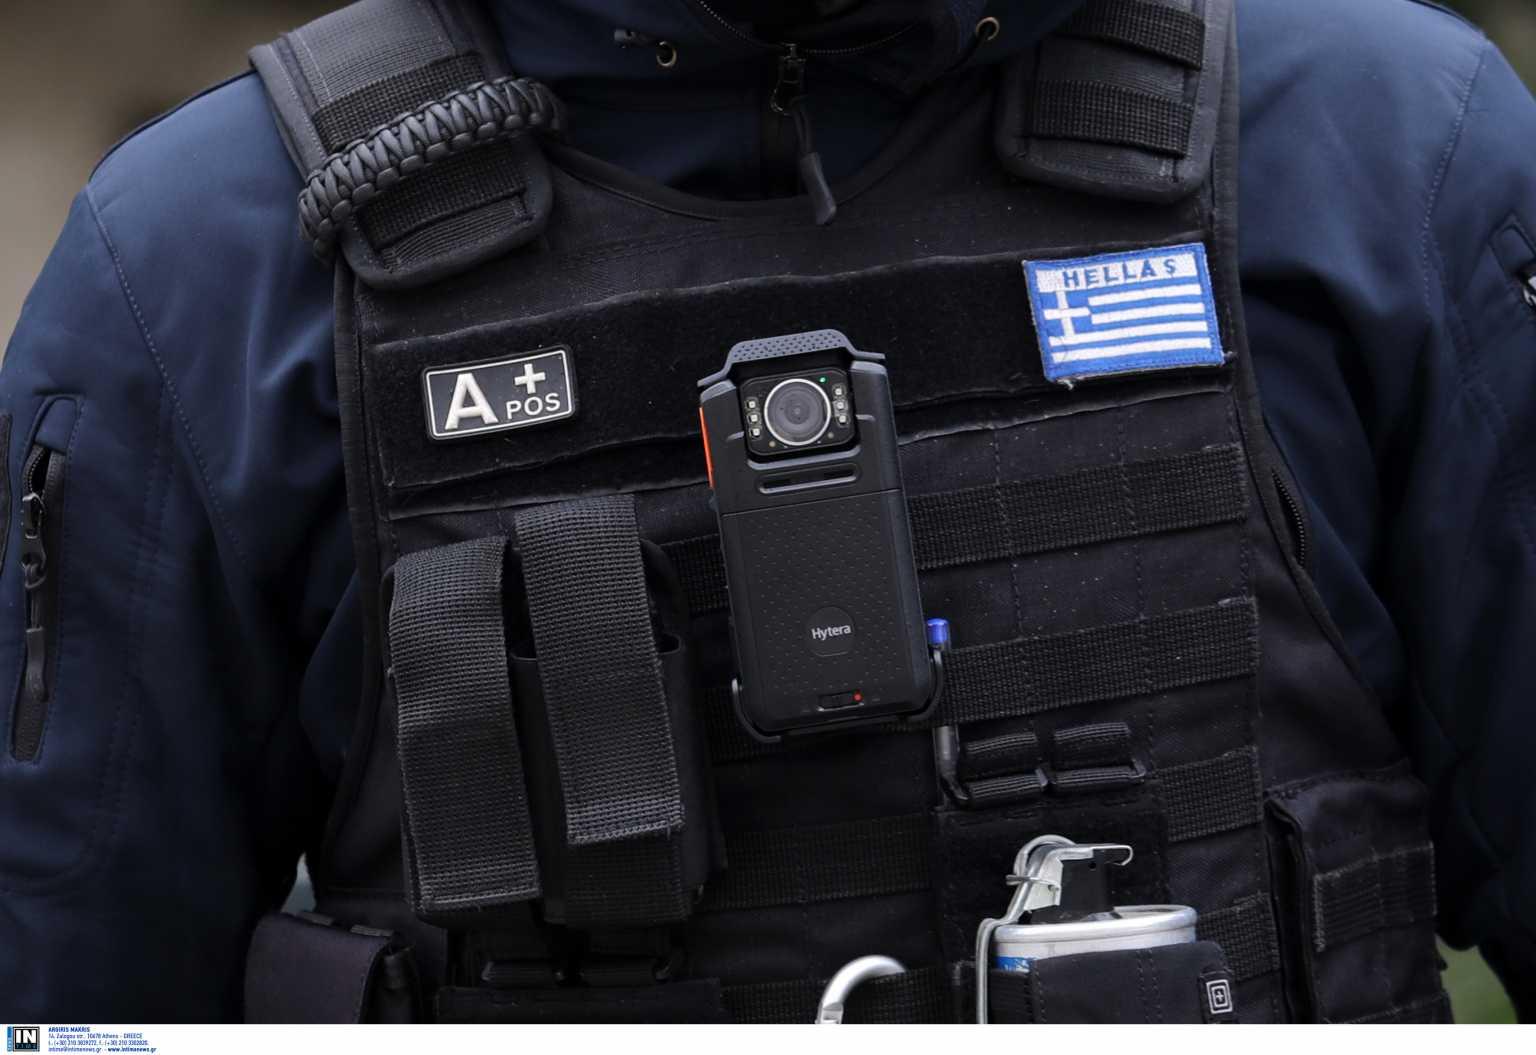 Χανιά: Αστυνομικός έριχνε μπαλωθιές με 3 φίλους του